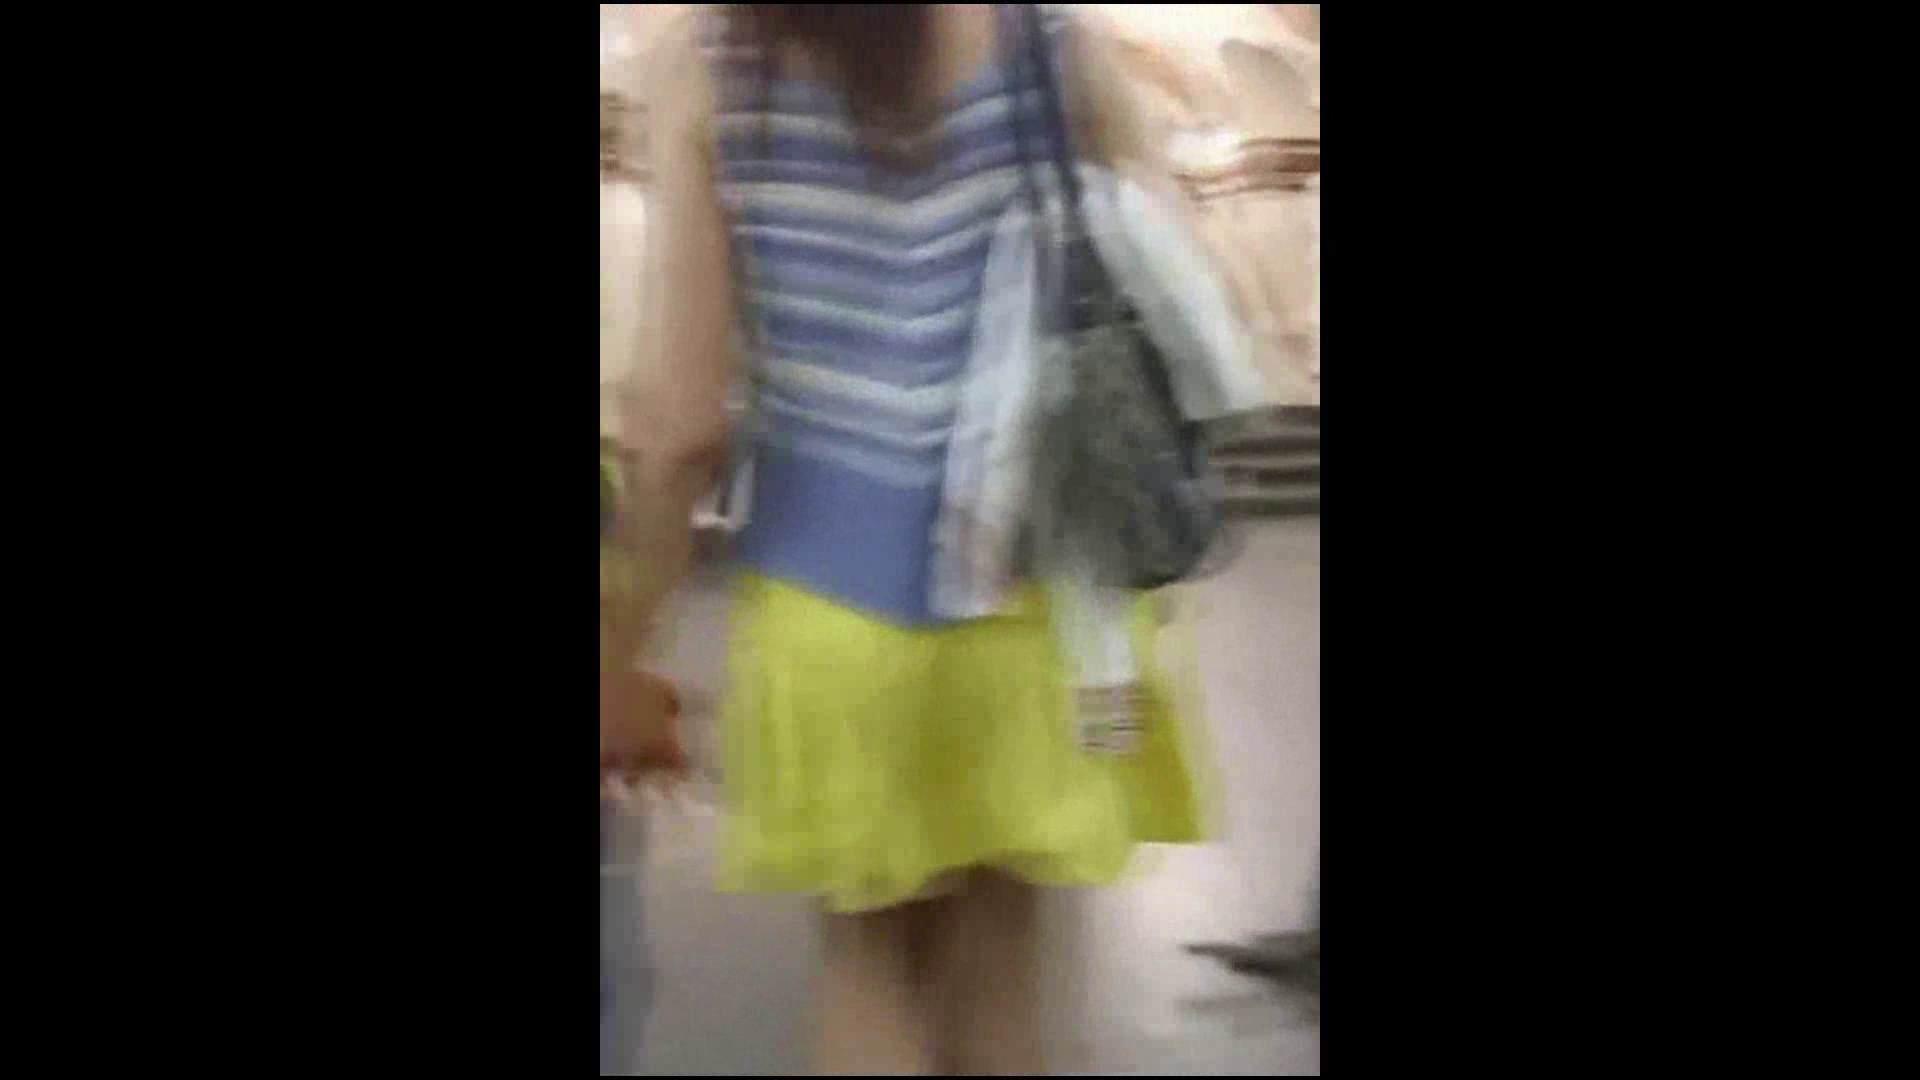 綺麗なモデルさんのスカート捲っちゃおう‼vol01 Hなお姉さん | モデルヌード  74pic 14